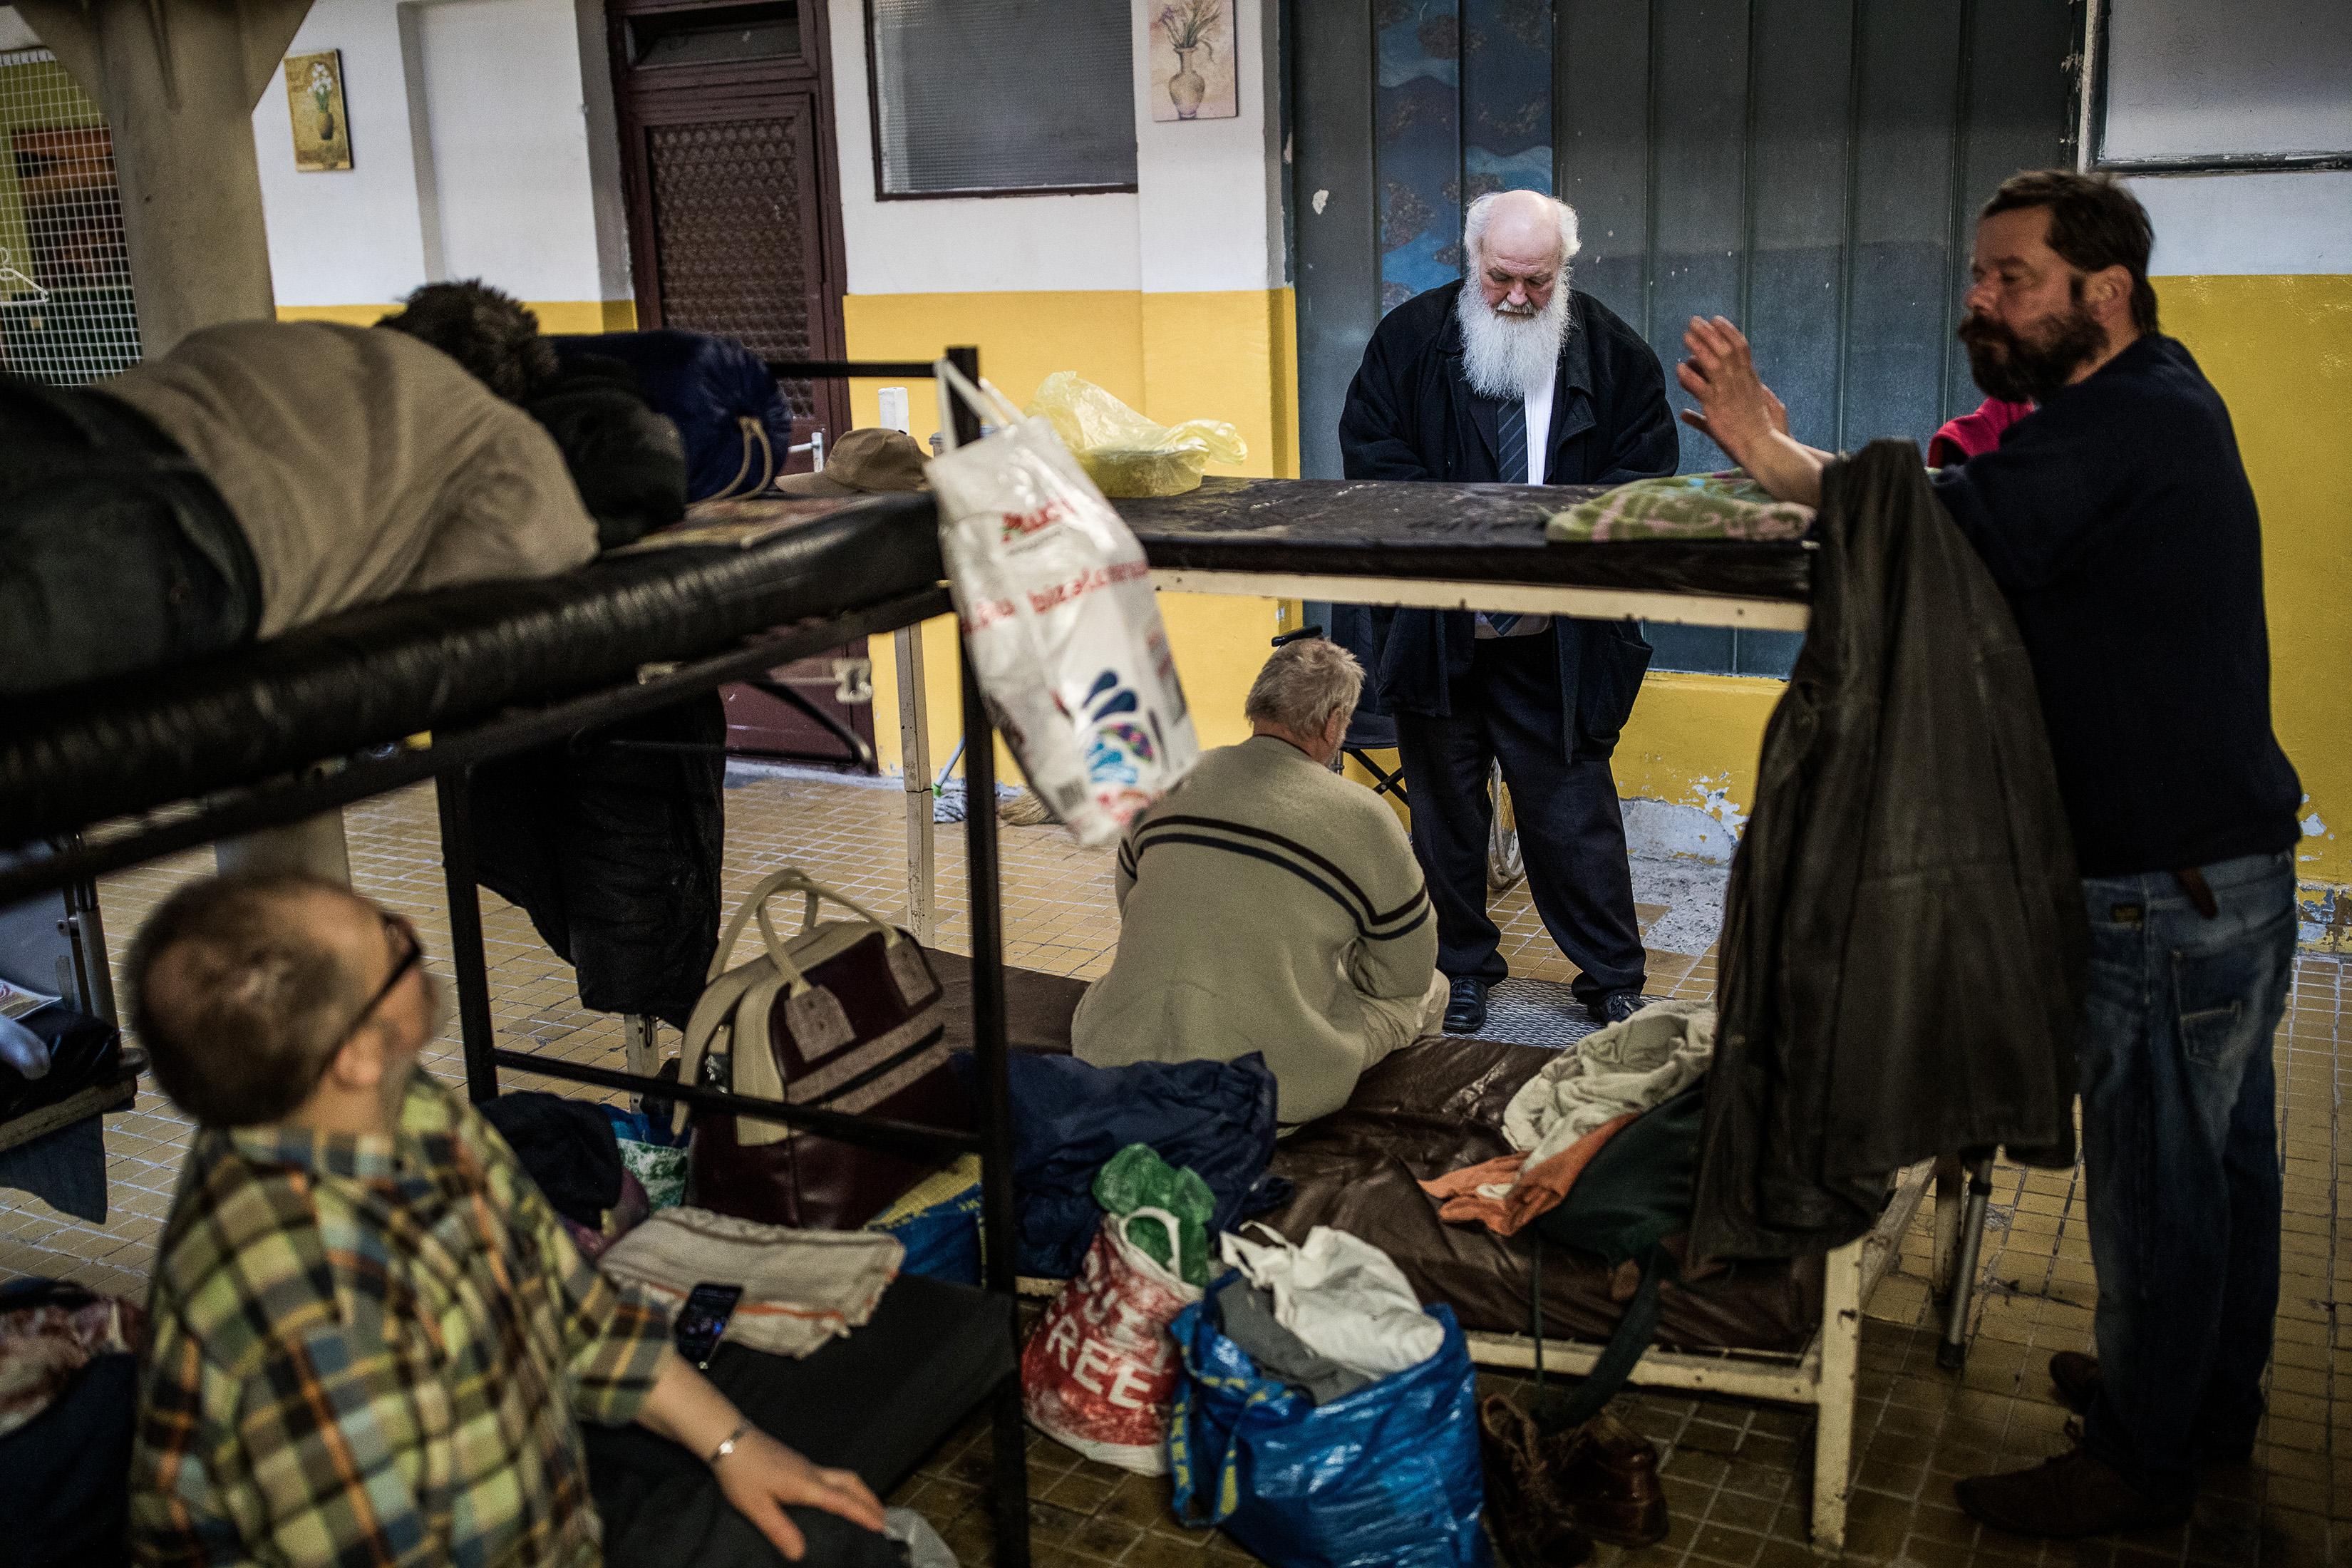 Ivanyi conversa com homens sem-teto em um de seus abrigos. Foto: CreditAkos Stiller / The New York Times